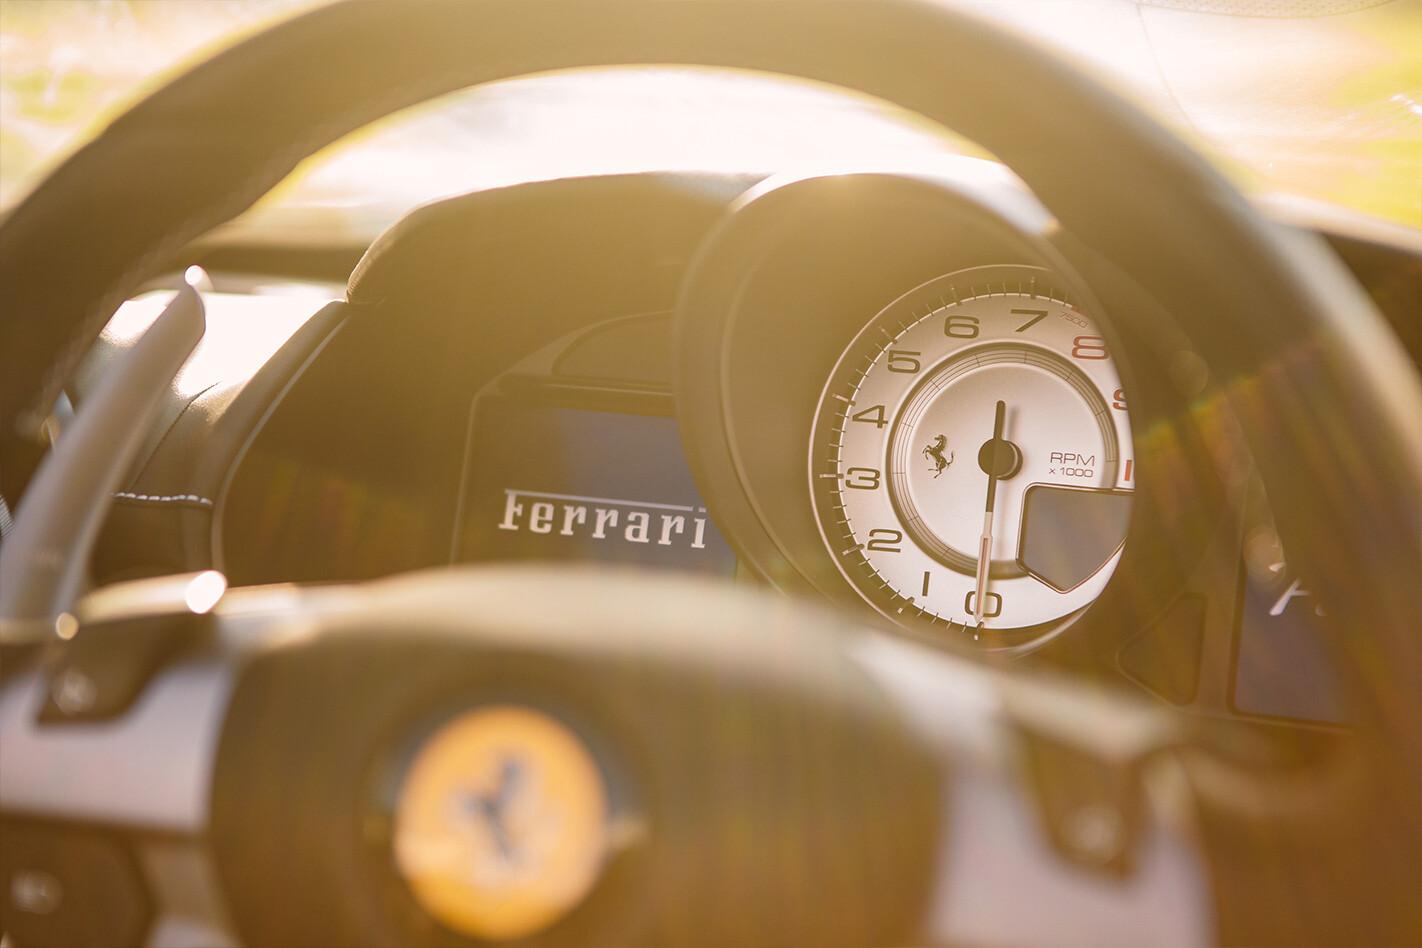 Ferrari Portofino Sulgiht Jpg